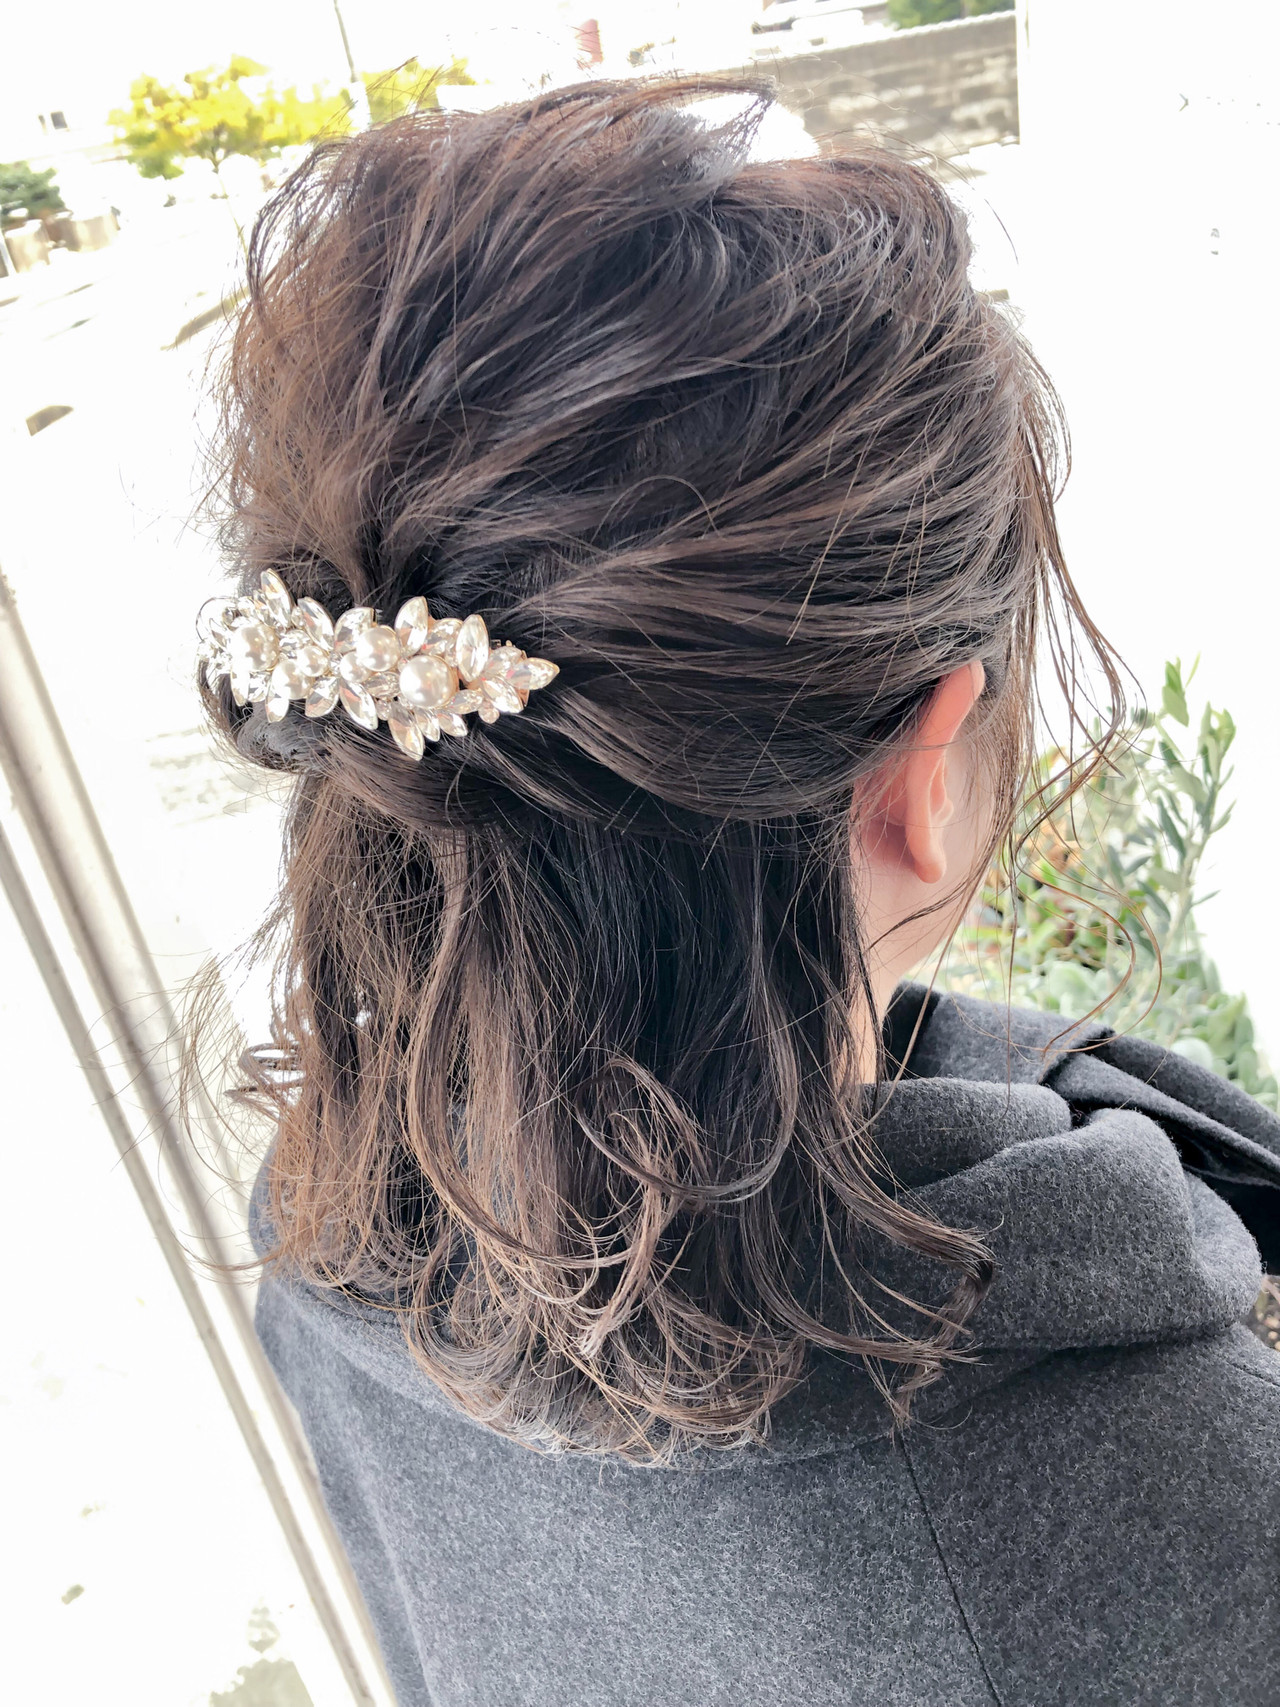 アンニュイほつれヘア ミディアム フェミニン 結婚式 ヘアスタイルや髪型の写真・画像 | 大西 つねお /  ELMO